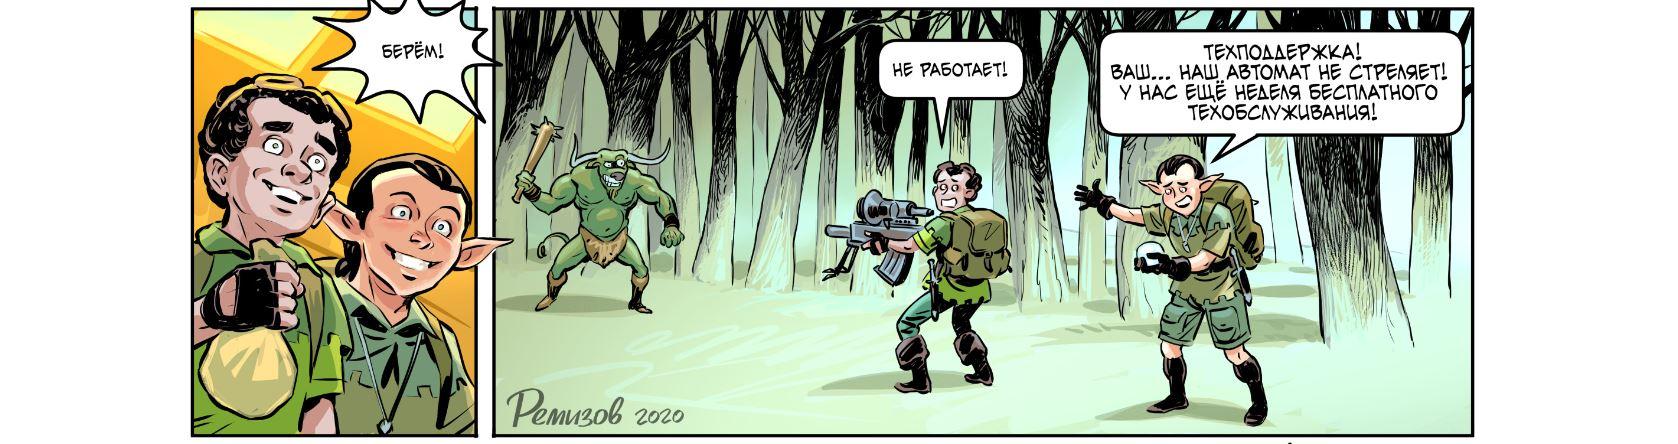 Комикс: прогресс 2